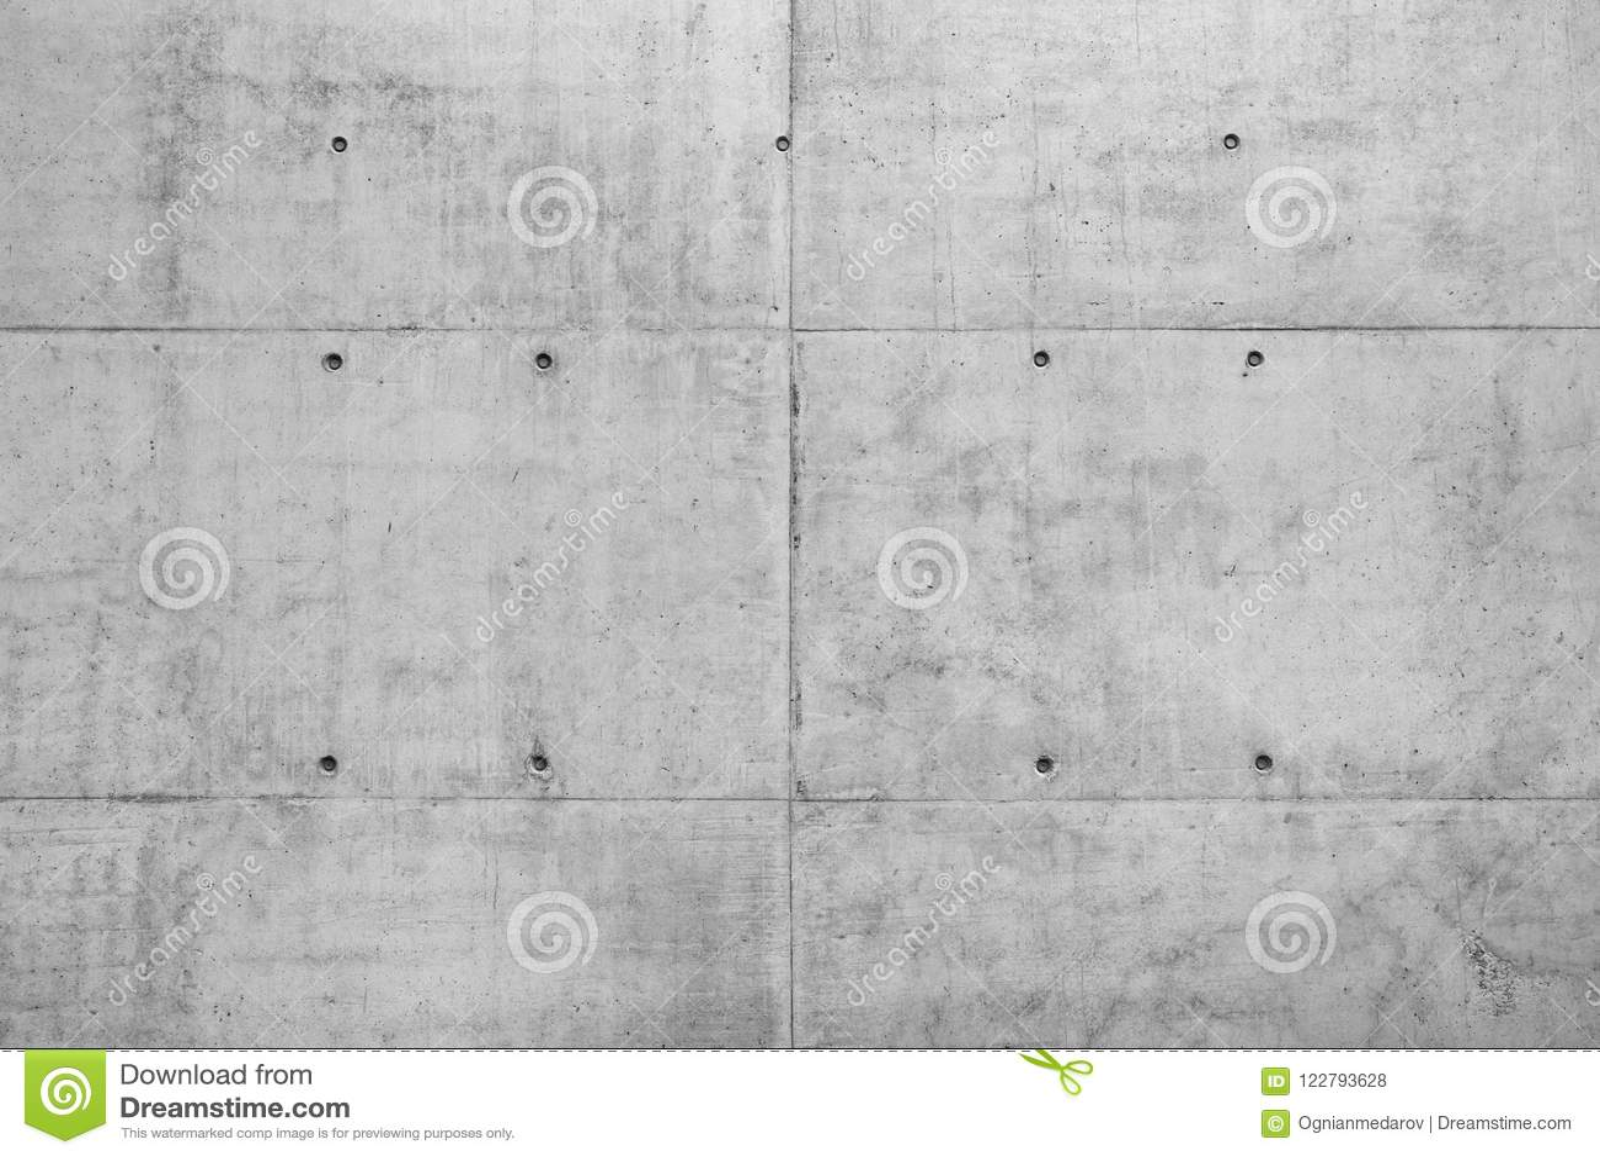 συγκεκριμένος ακατέργαστος τοίχος